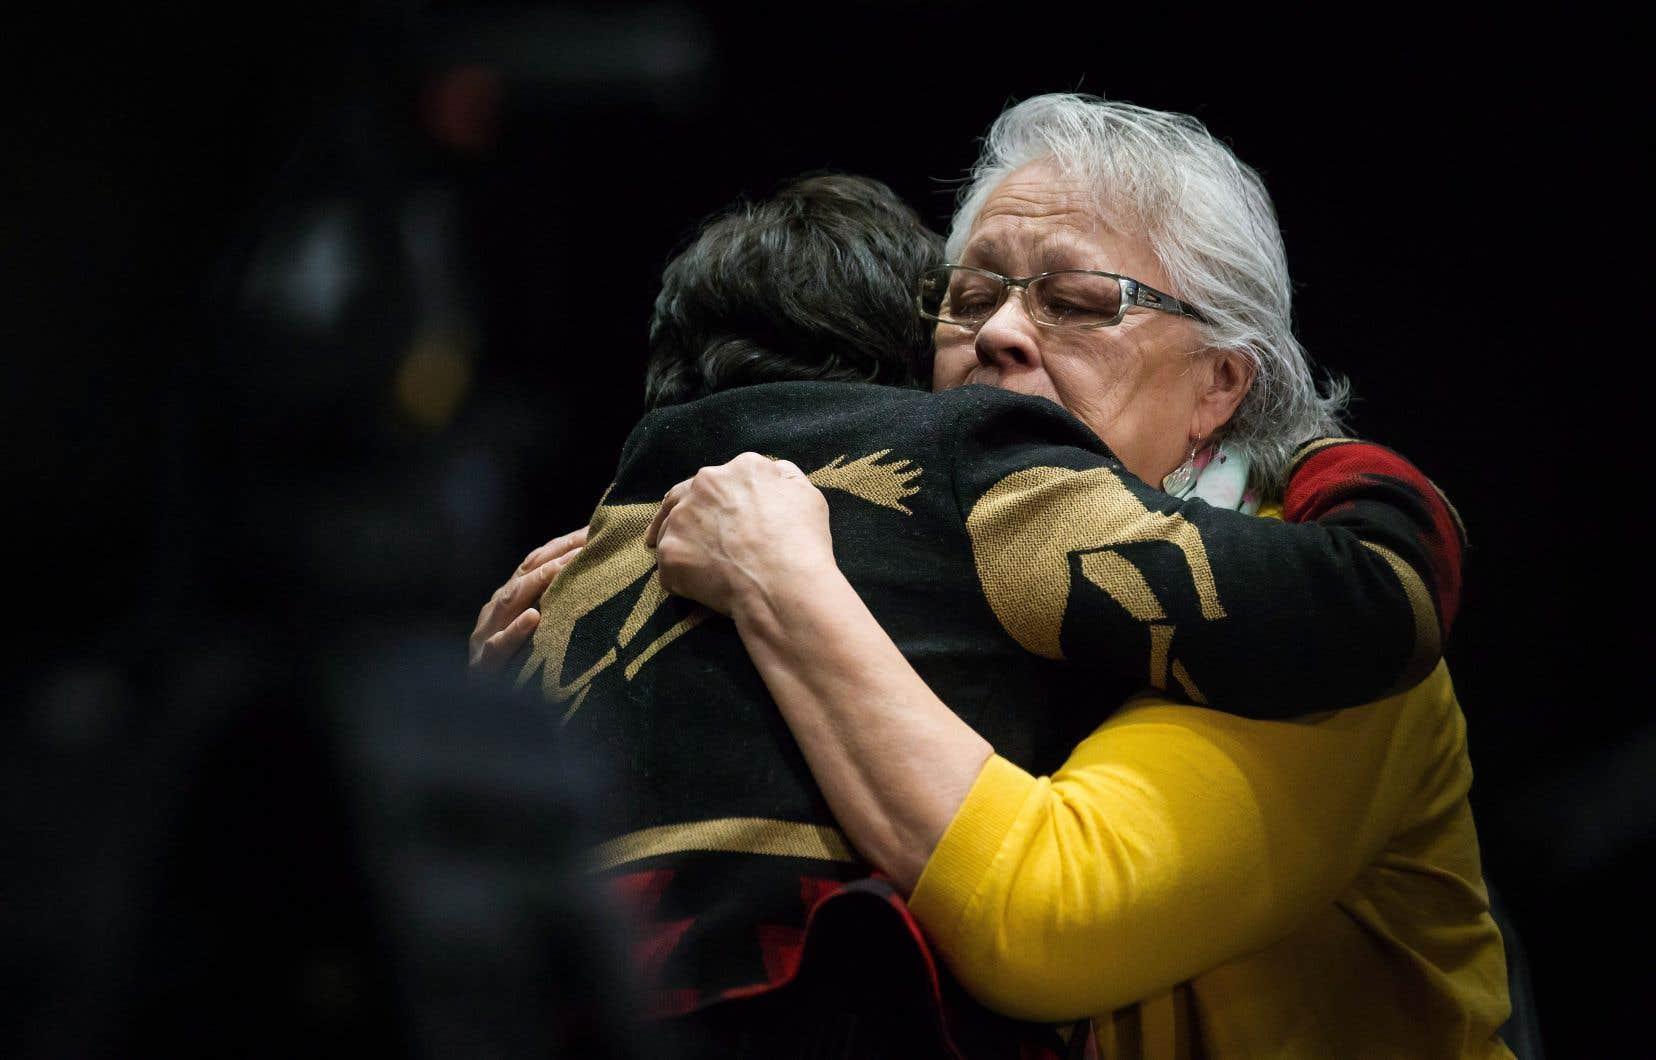 Viola Thomas et Rita Blind se réconfortent mutuellement lors de la dernière journée d'audience de de l'Enquête sur les femmes autochtones, à Richmond, en Colombie-Britannique, l'an dernier.